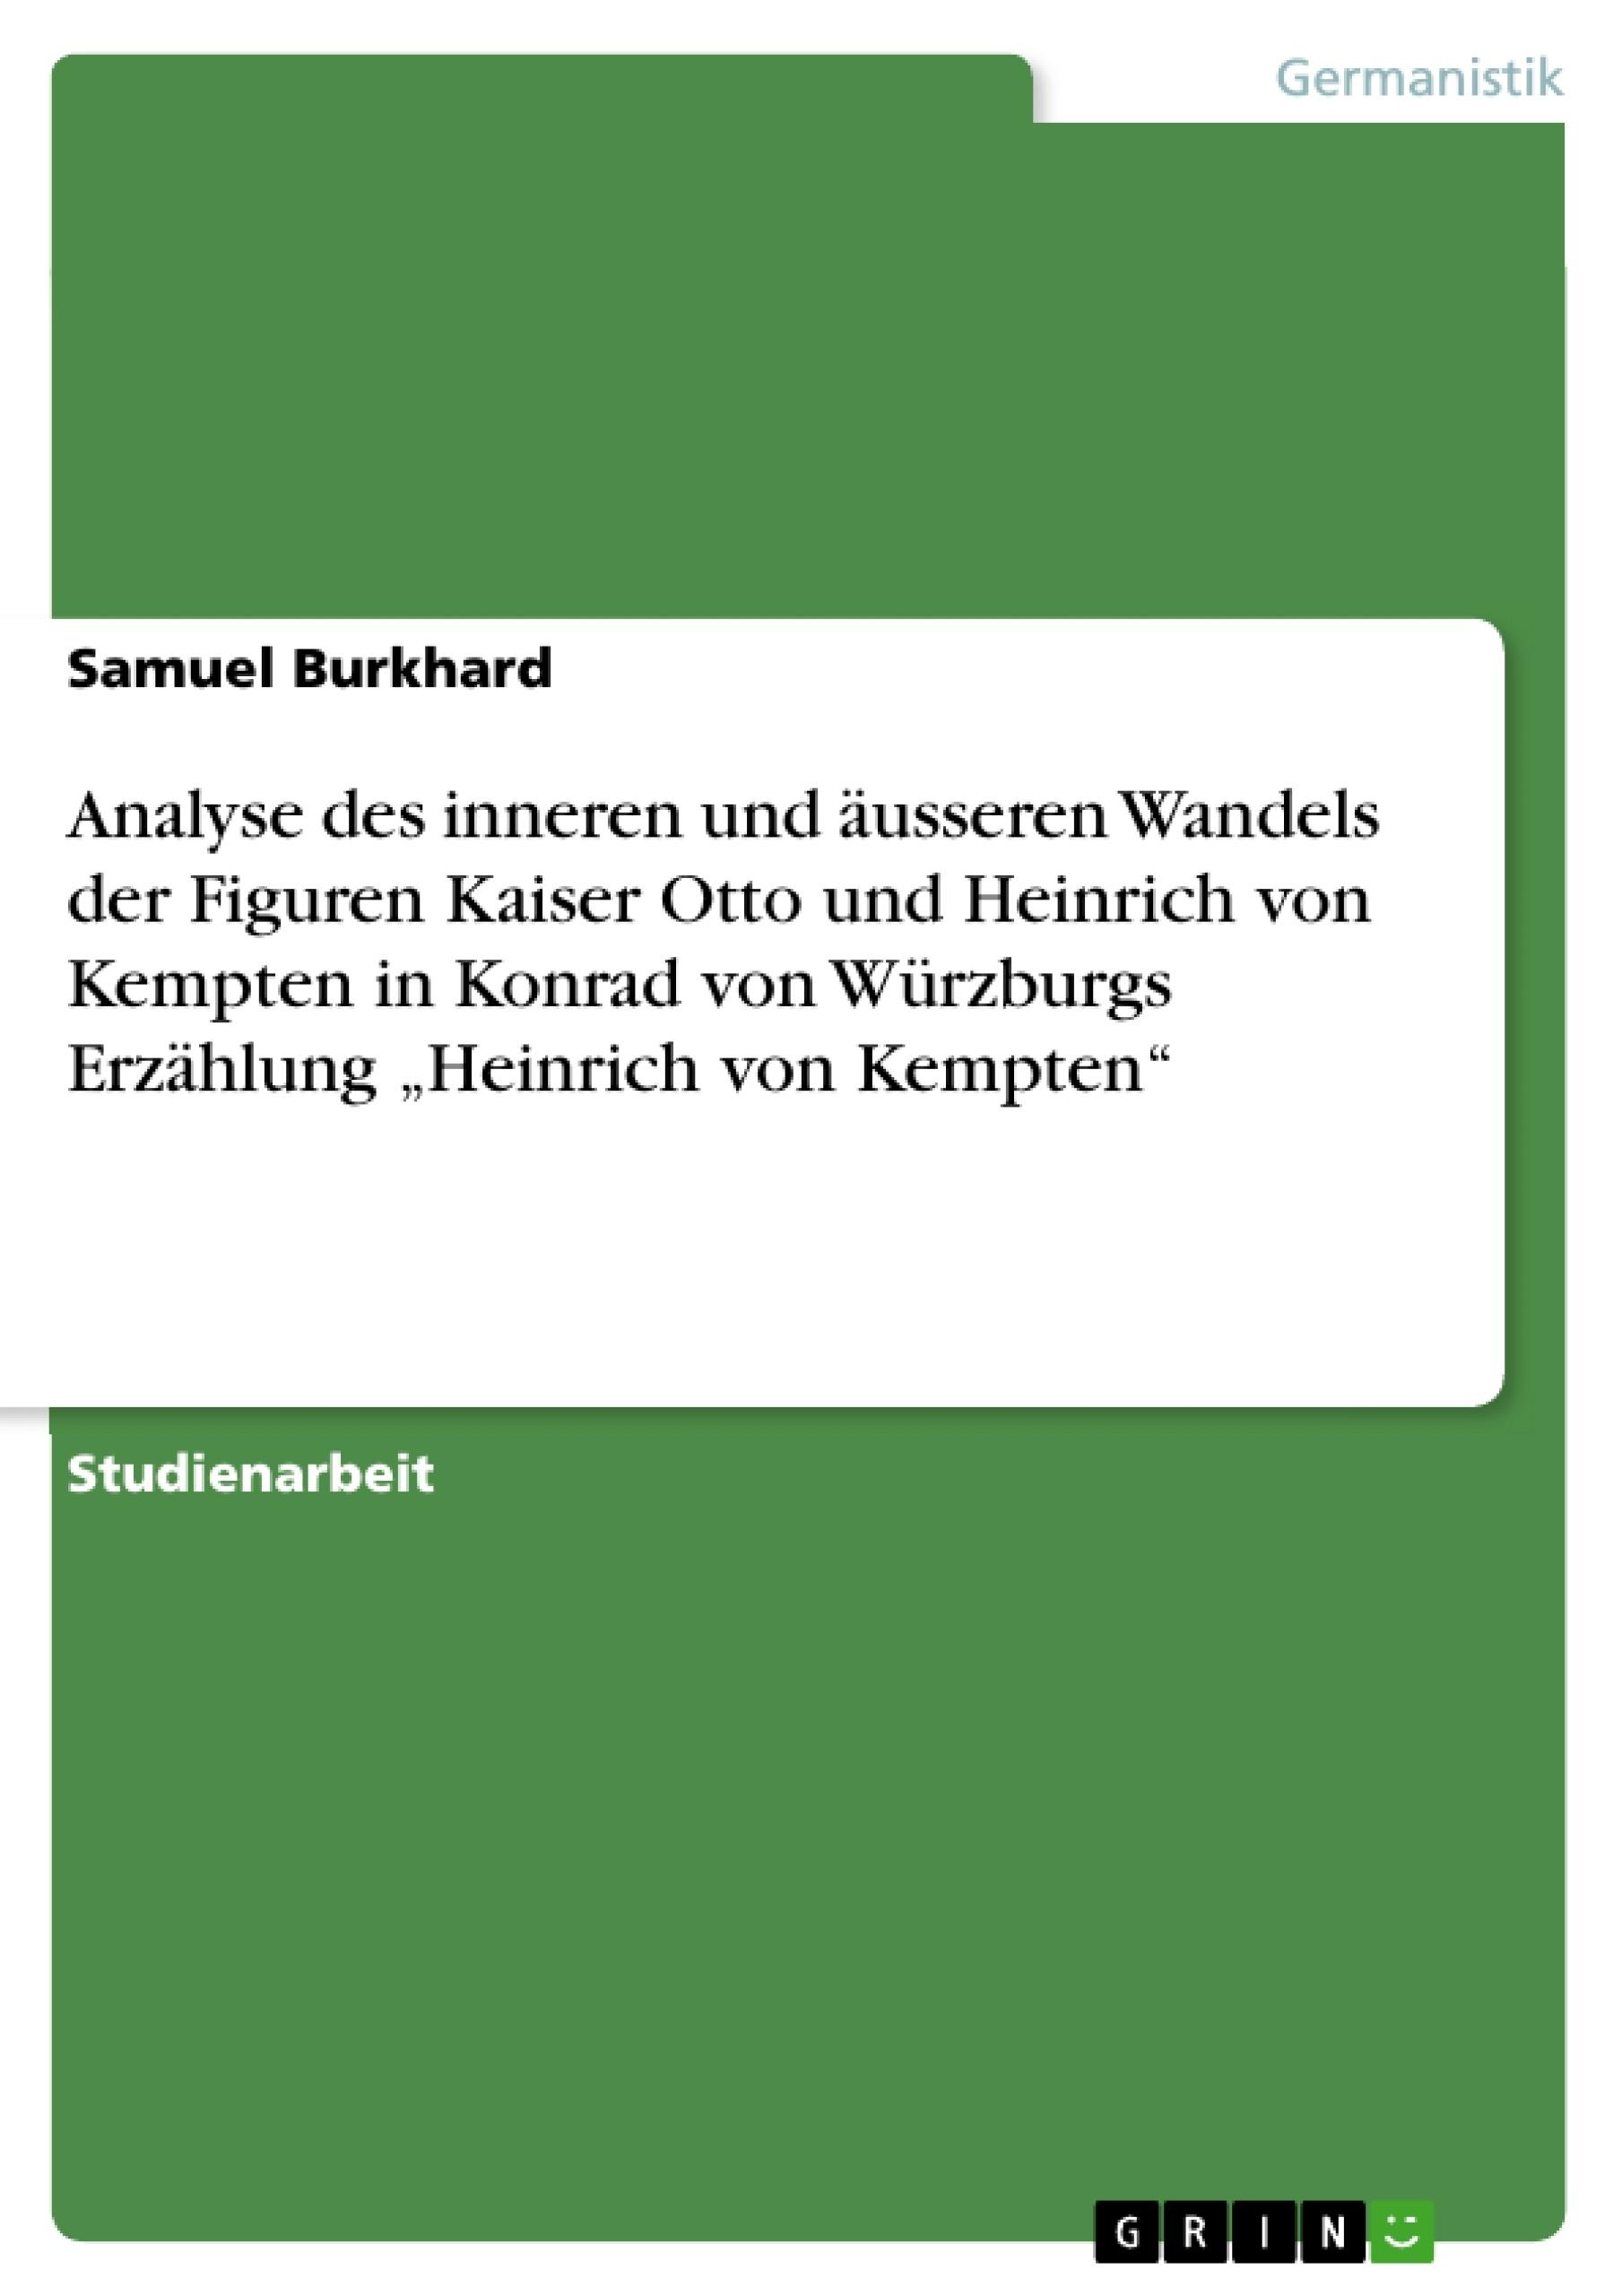 """Titel: Analyse des inneren und äusseren Wandels der Figuren Kaiser Otto und Heinrich von Kempten in Konrad von Würzburgs Erzählung """"Heinrich von Kempten"""""""